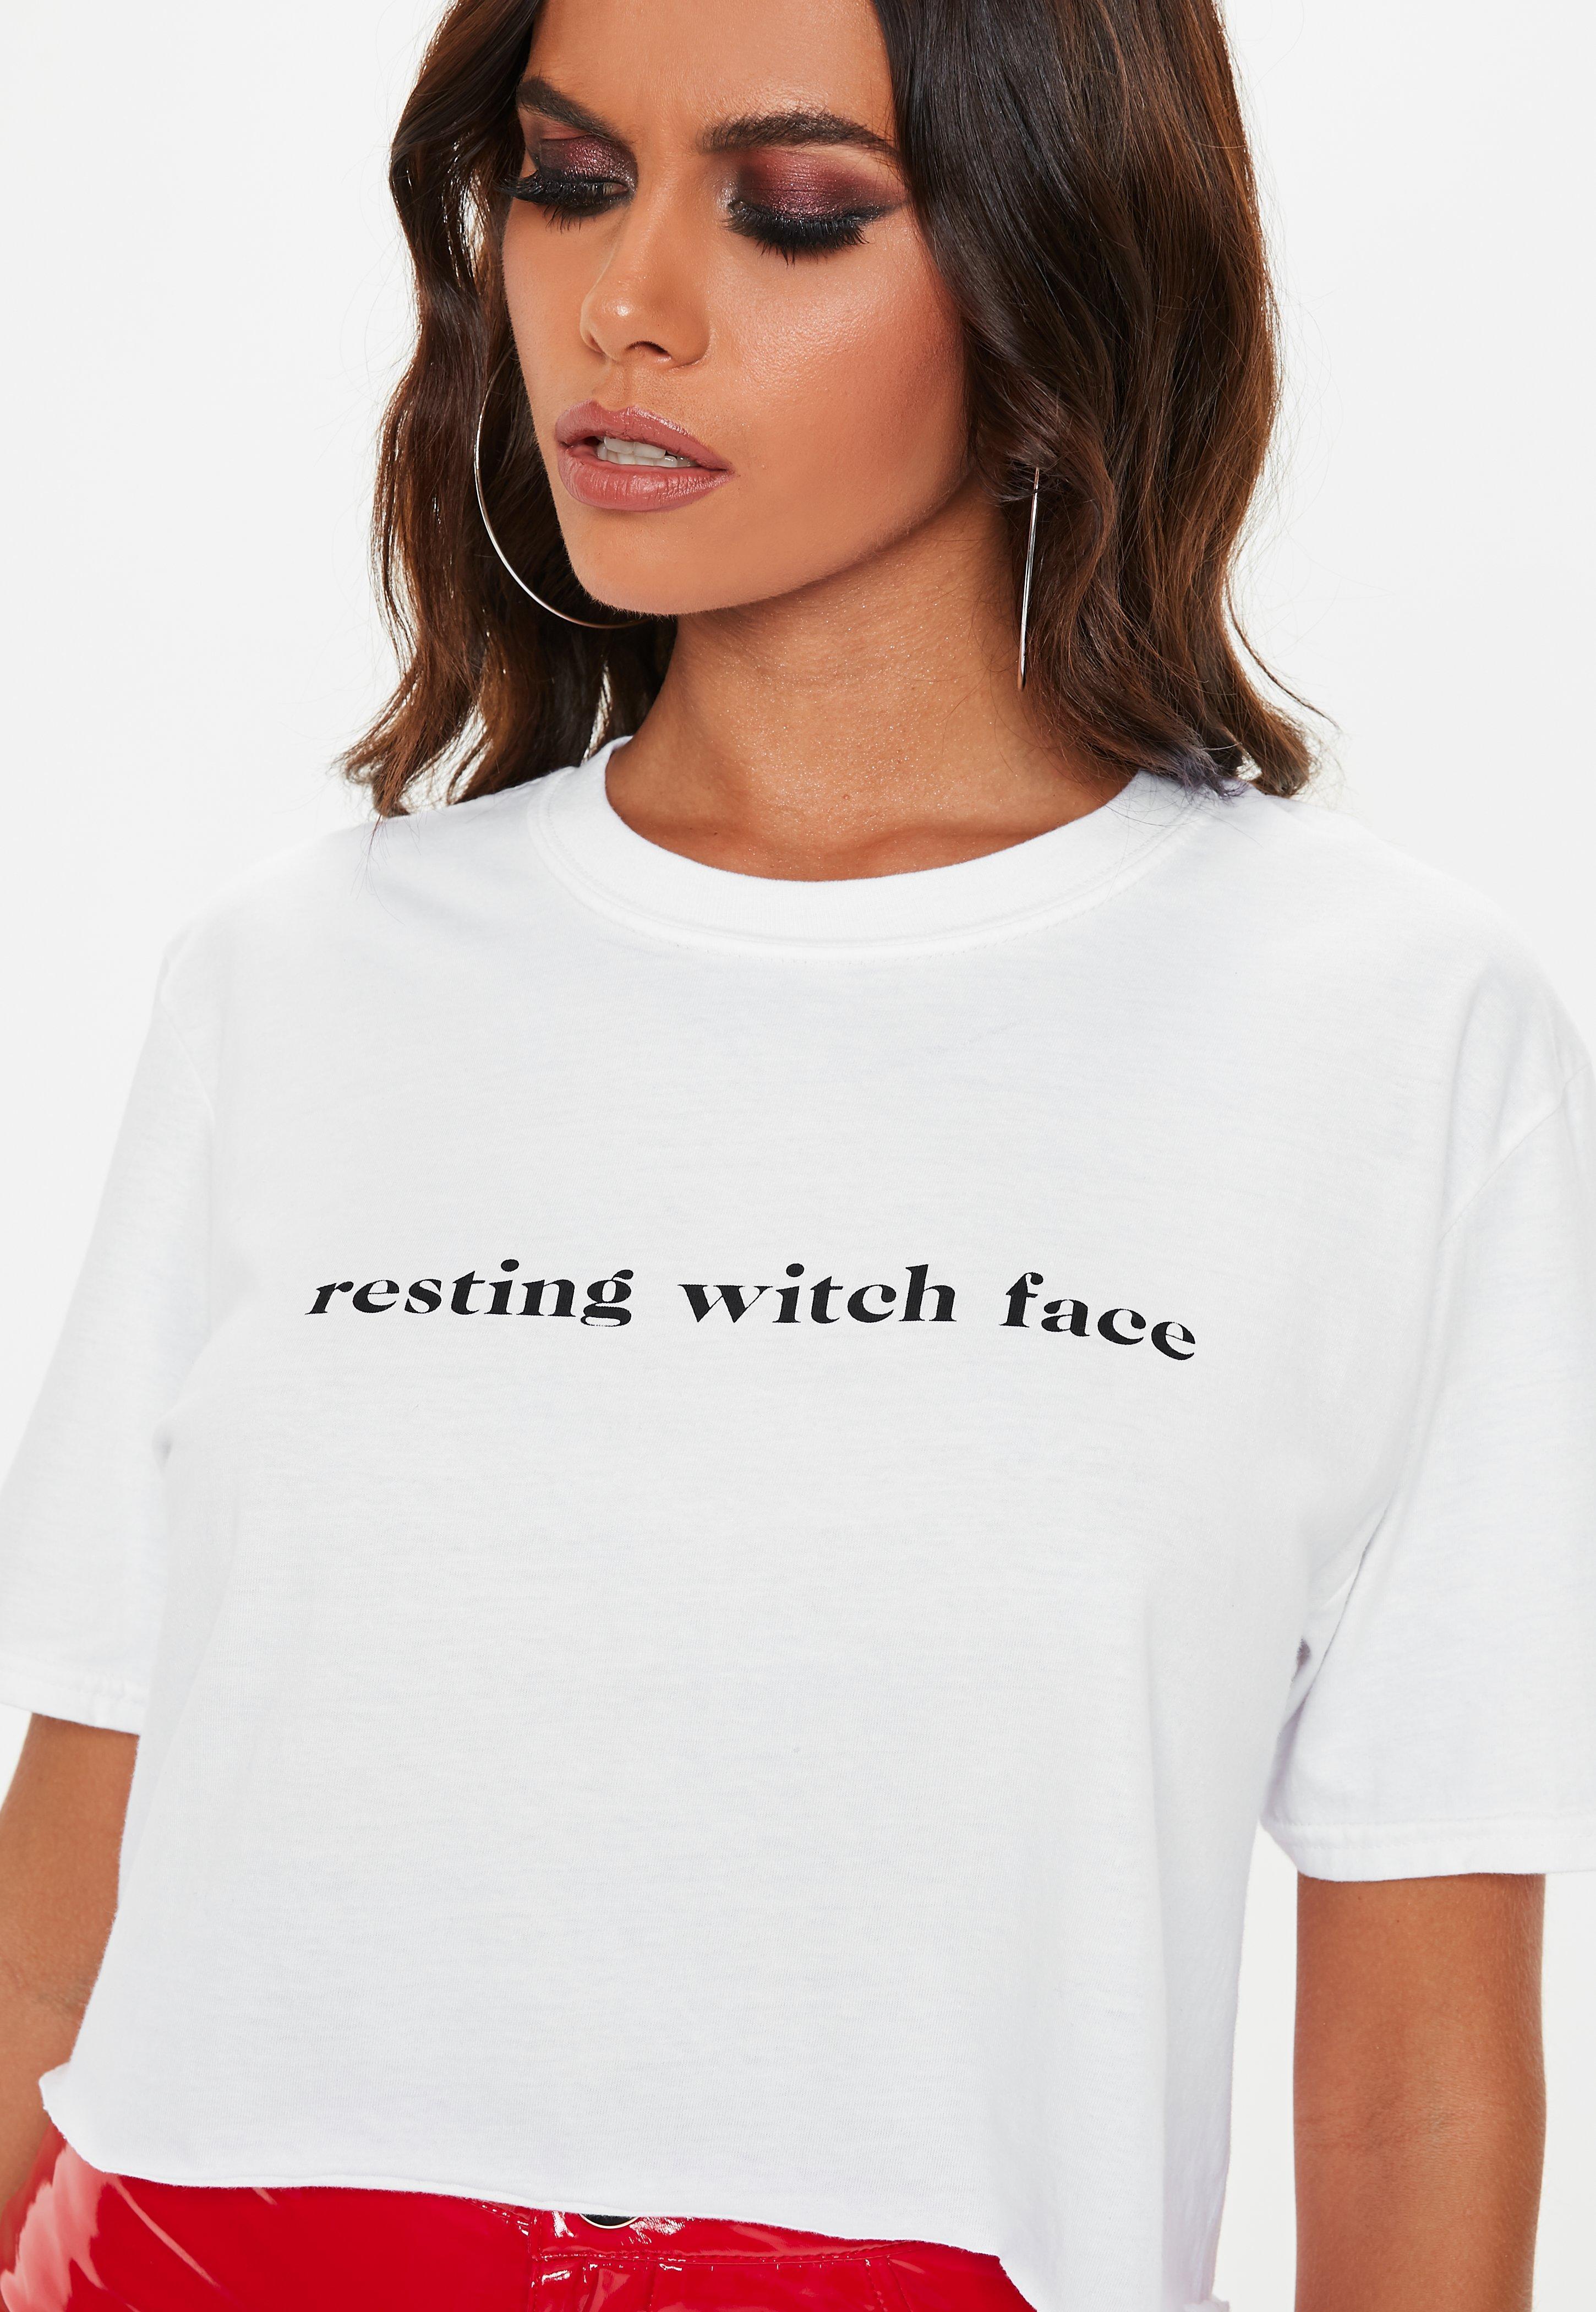 860399ecf2f725 Tops Online - Shop Women s Tops in all Colors